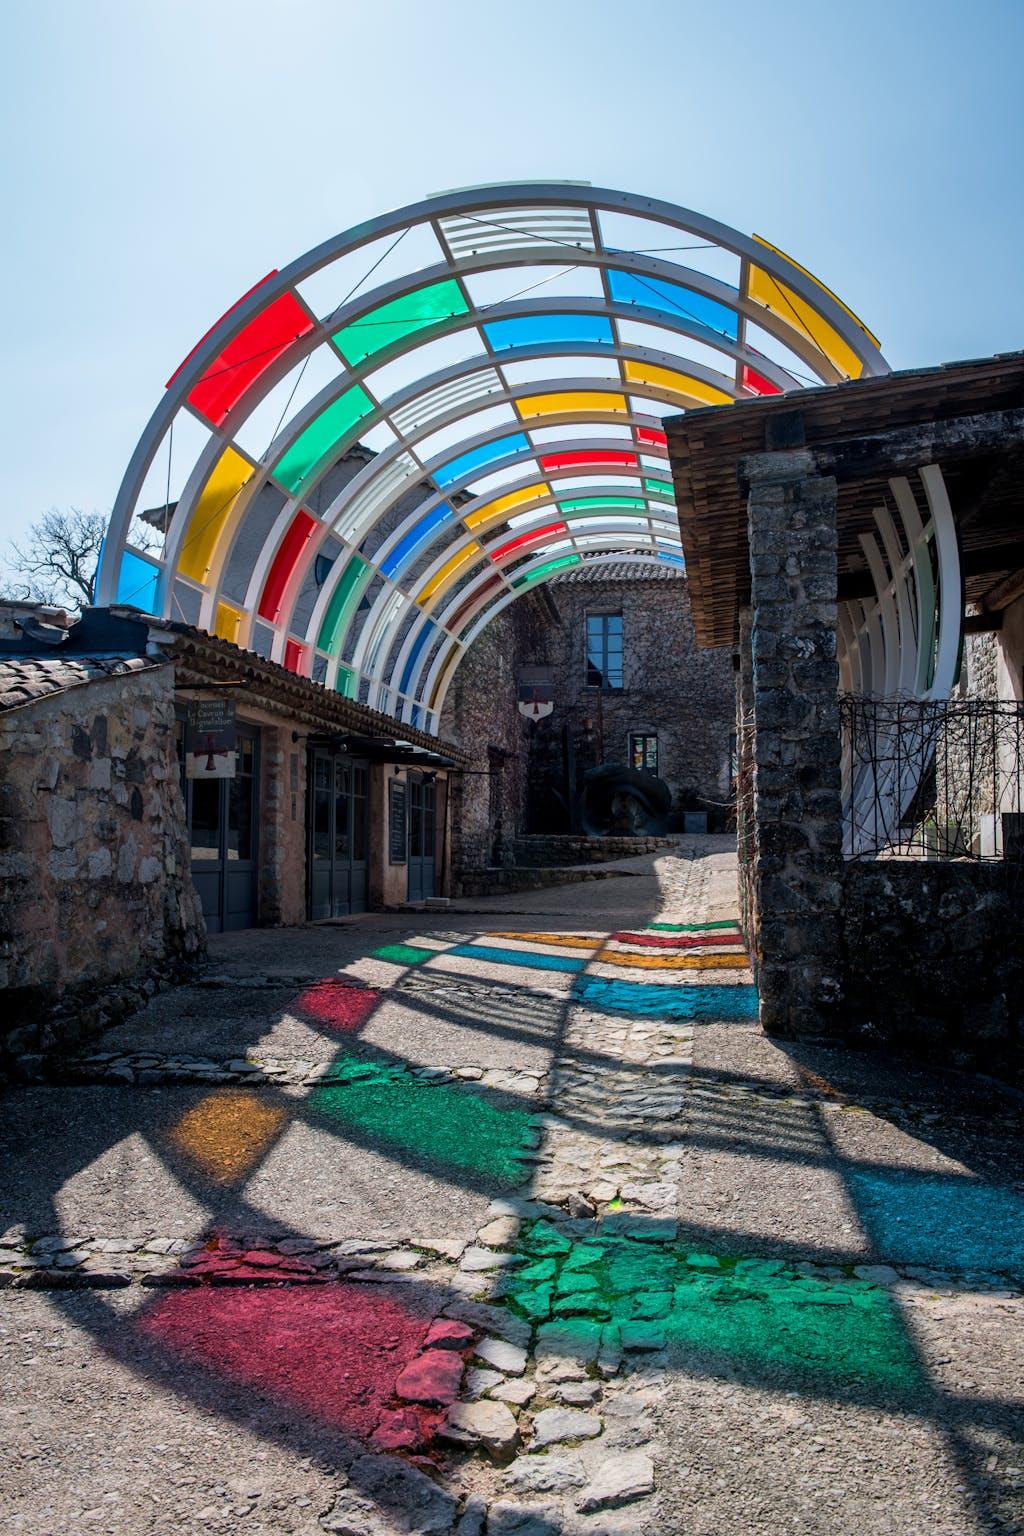 Le Cylindre incrusté aux couleurs, permanent work in situ - © kamel mennour